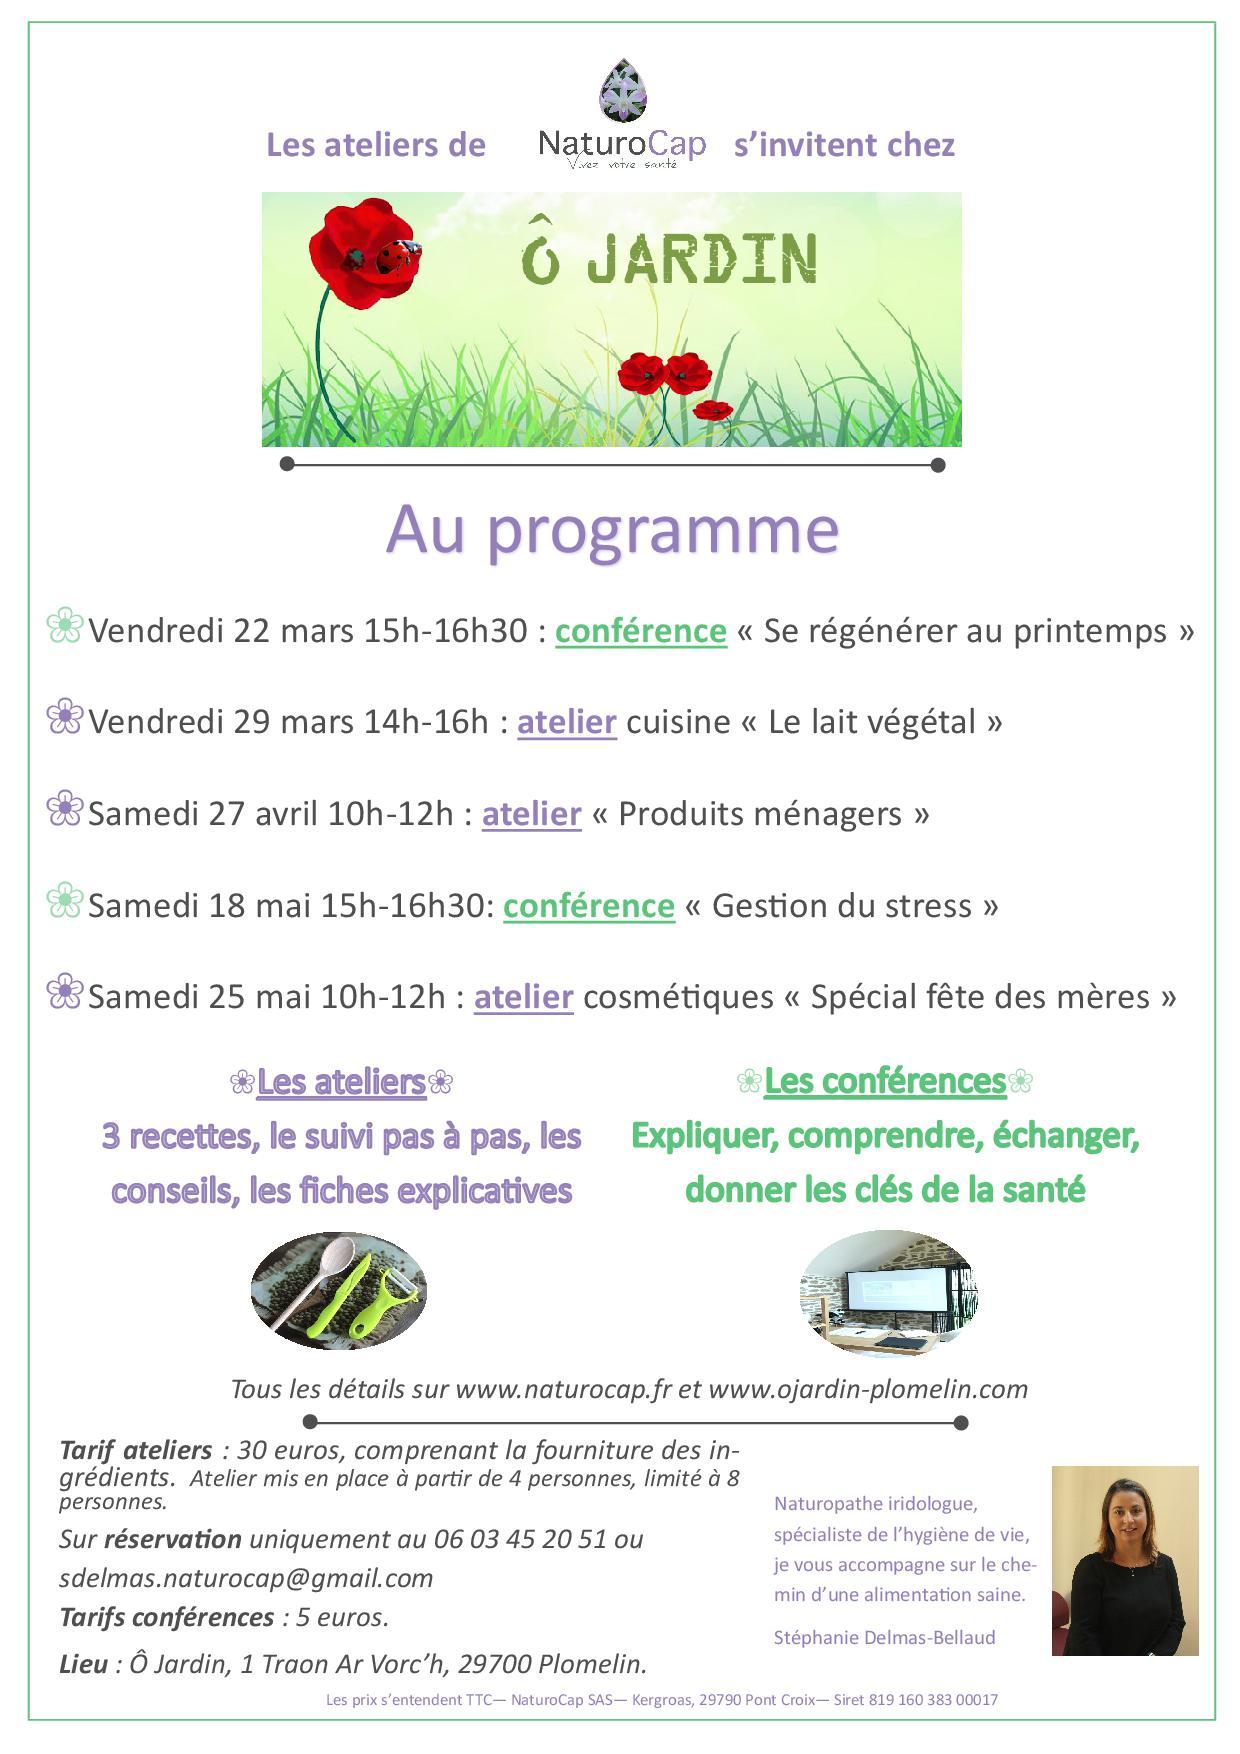 Ateliers Et Conferences De Naturopathie Par Naturocap Dans Le